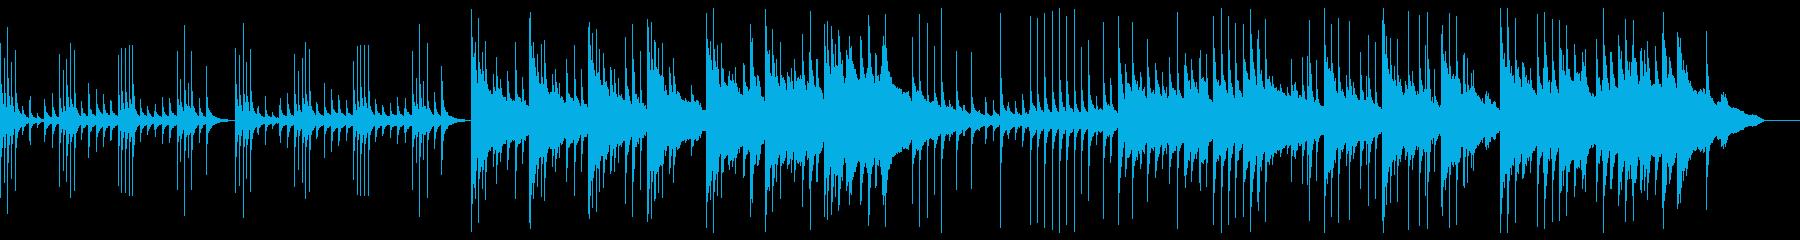 オルゴール中心の悲しいBGMの再生済みの波形